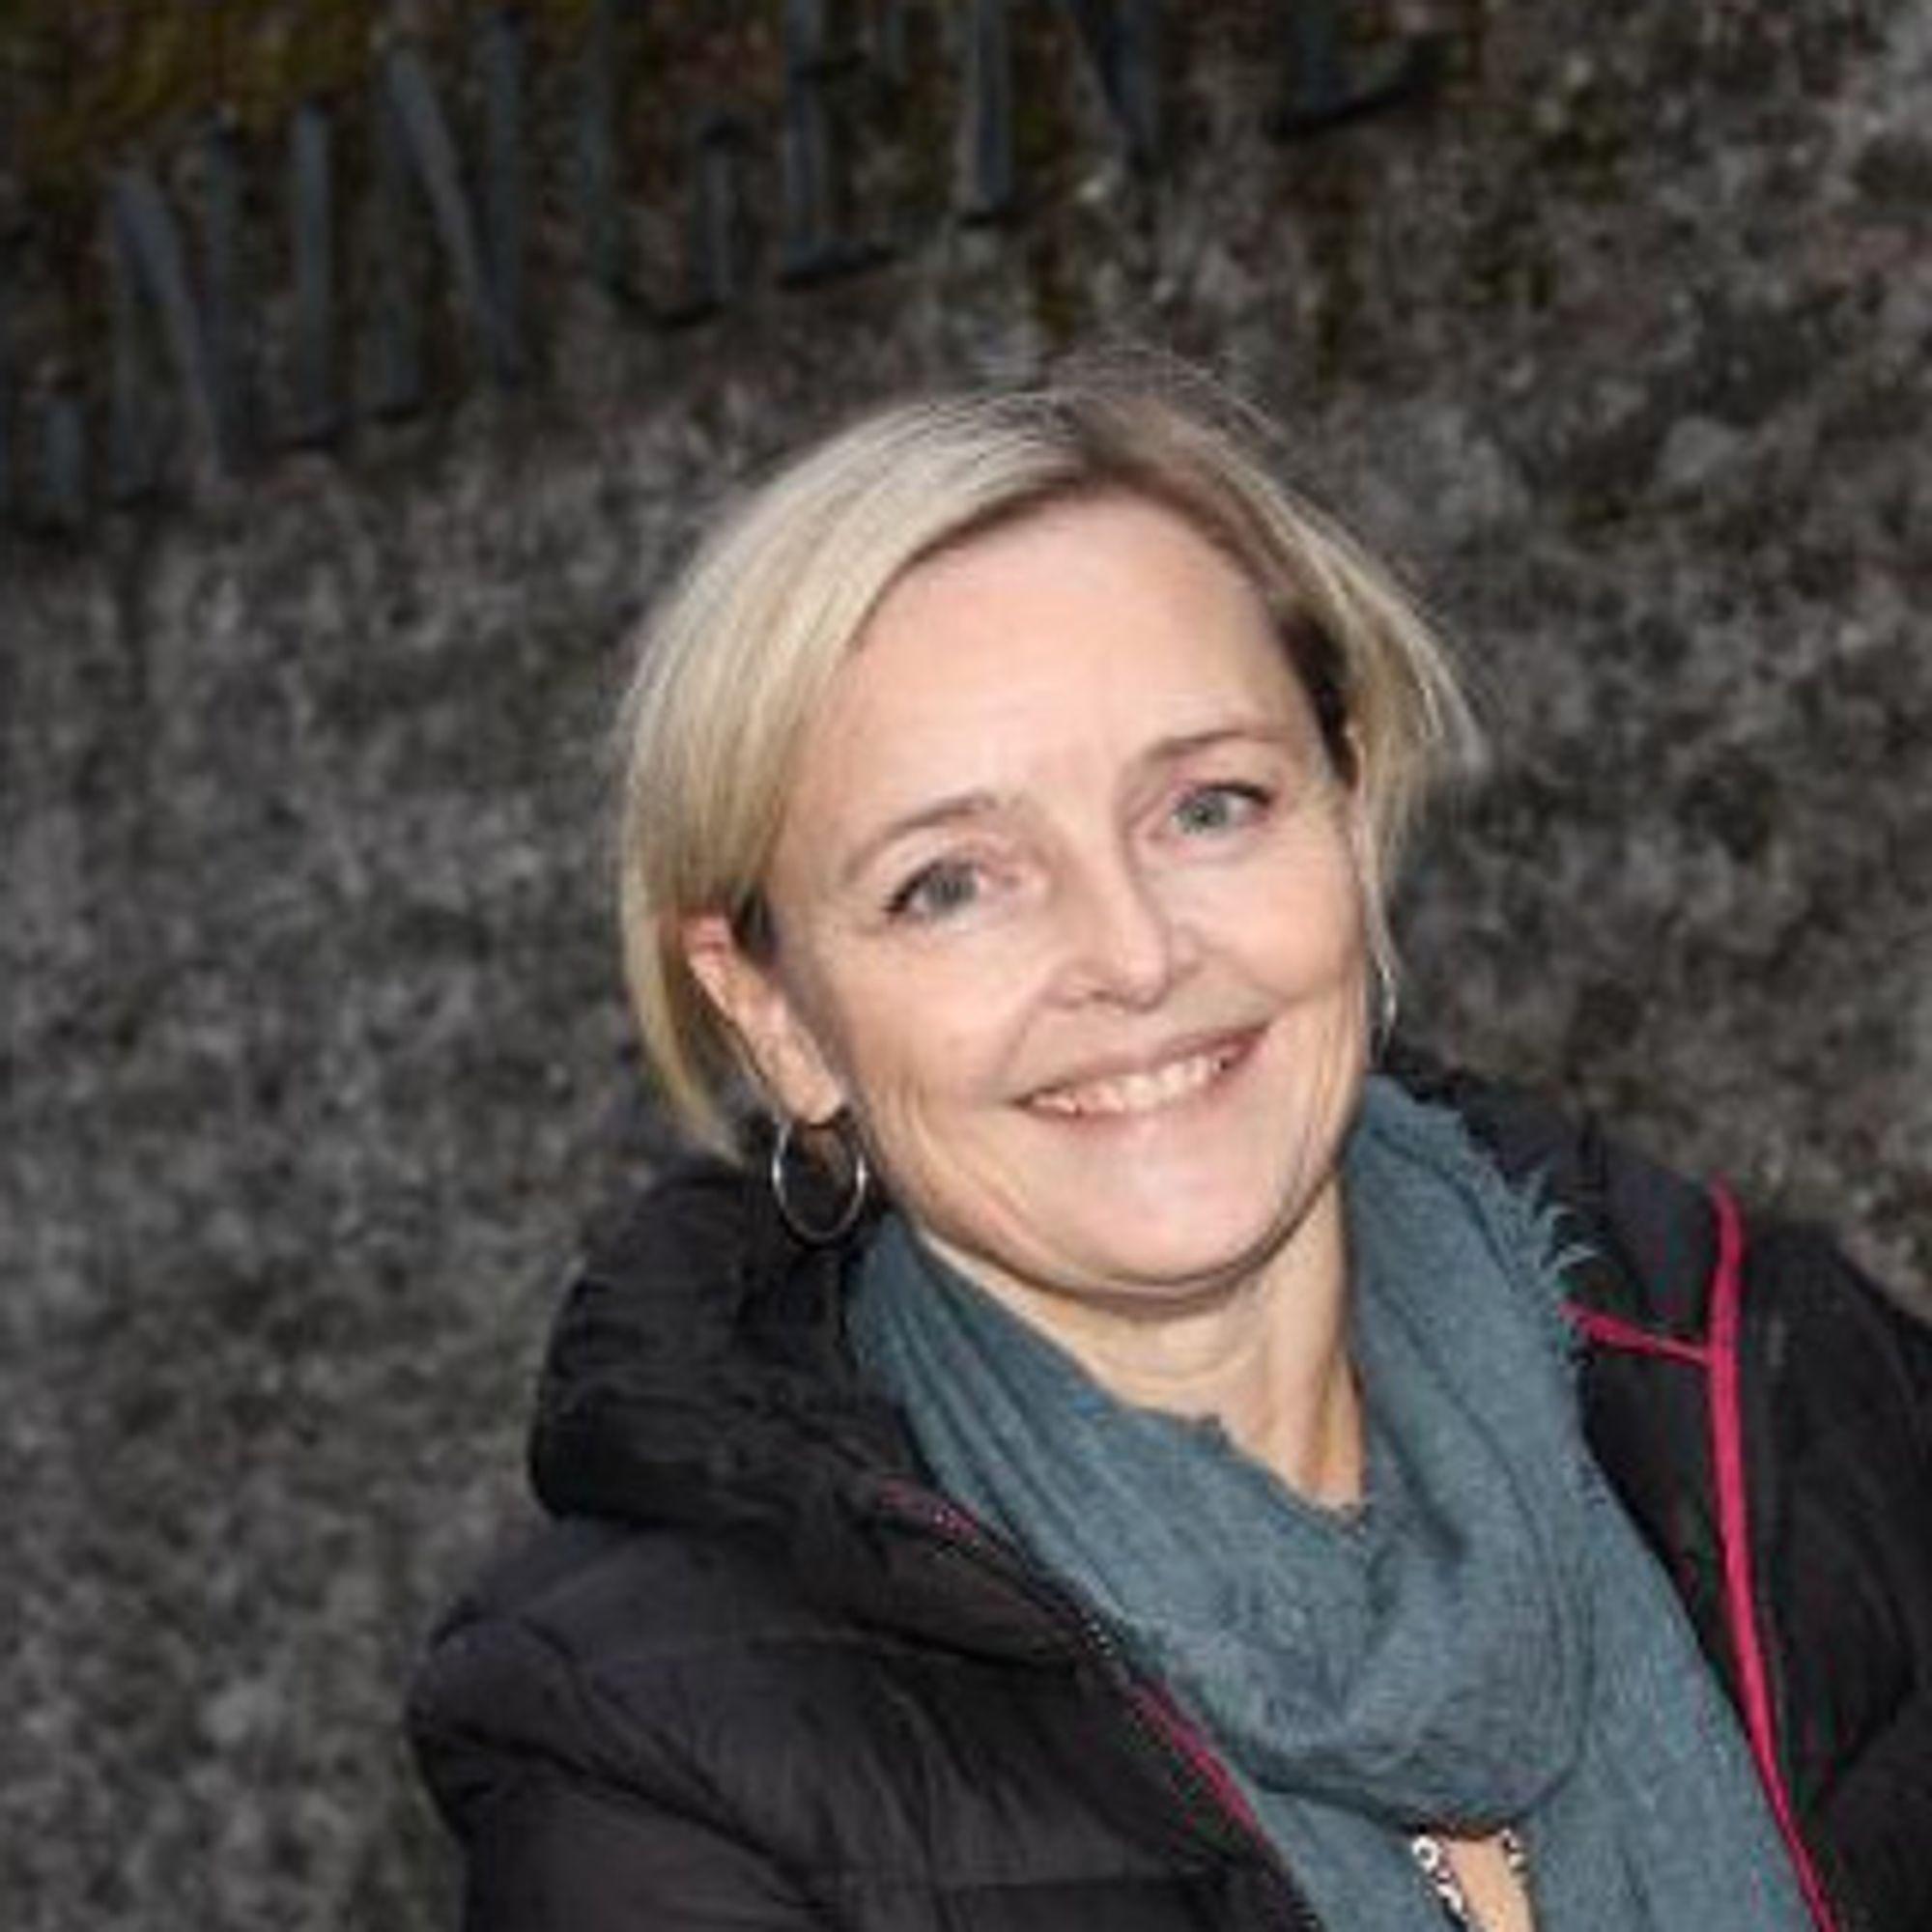 Foto av voksen vkinne med blondt hår skjøvet bak ørene, blått skjef og boblejakke. Hun ser rett i kameraet og smiler. I bakgrunnen er en grå steinvegg.